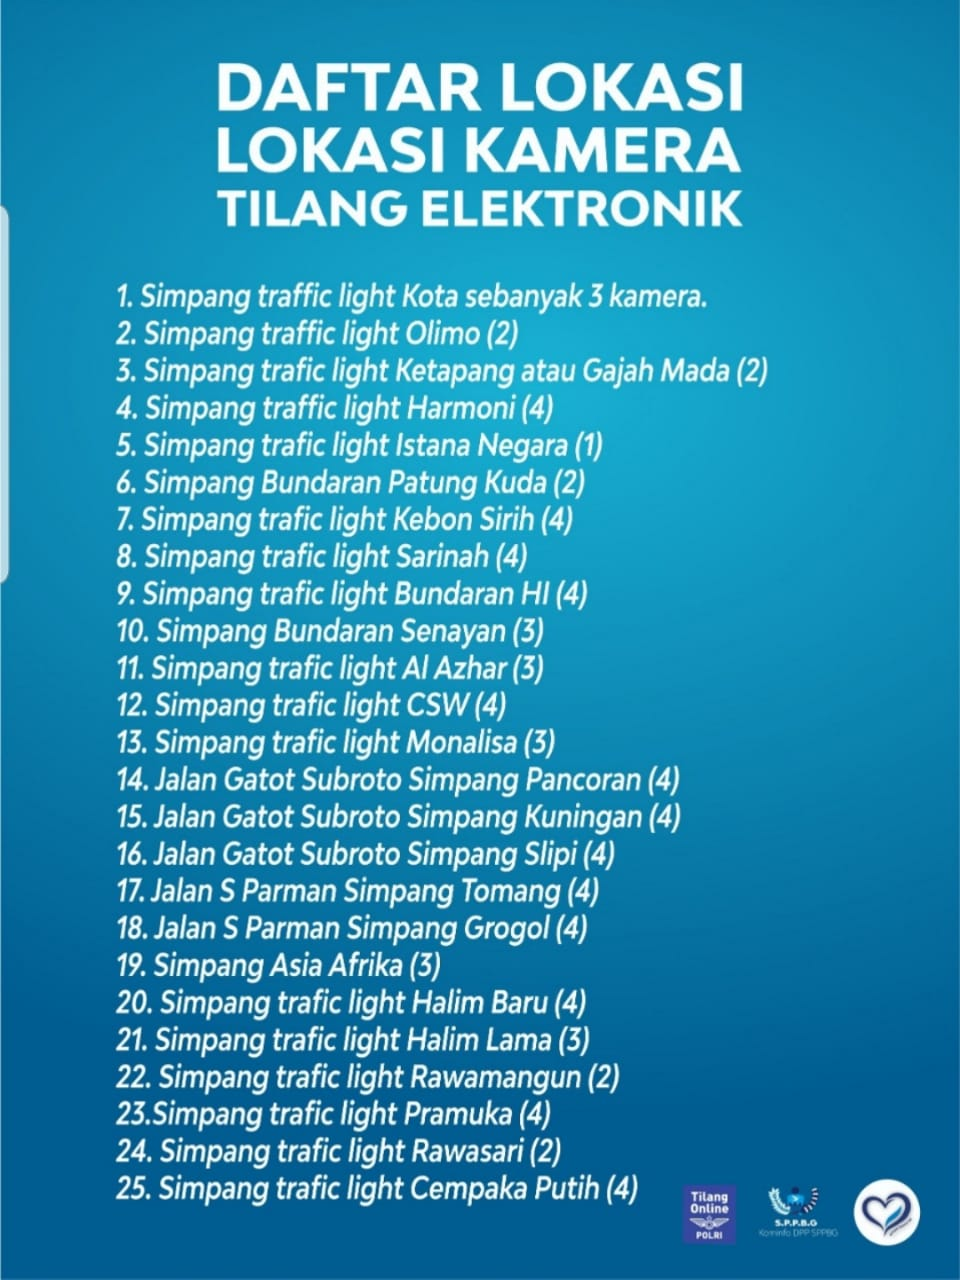 Daftar Lokasi Kamera Tilang Elektronik di Jakarta